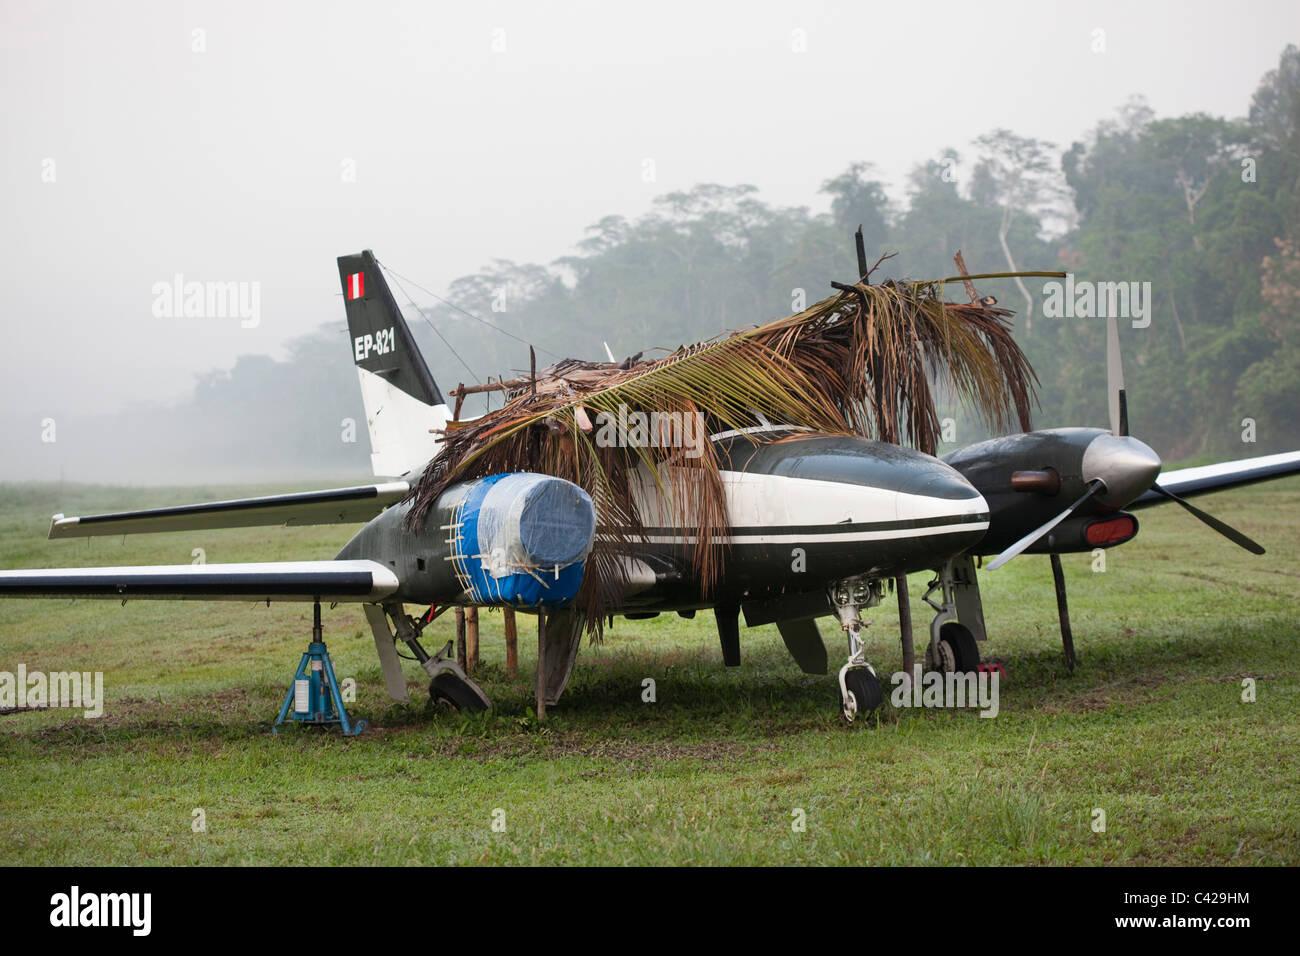 Peru, Boca Manu, Brooken airplane on landing strip. - Stock Image